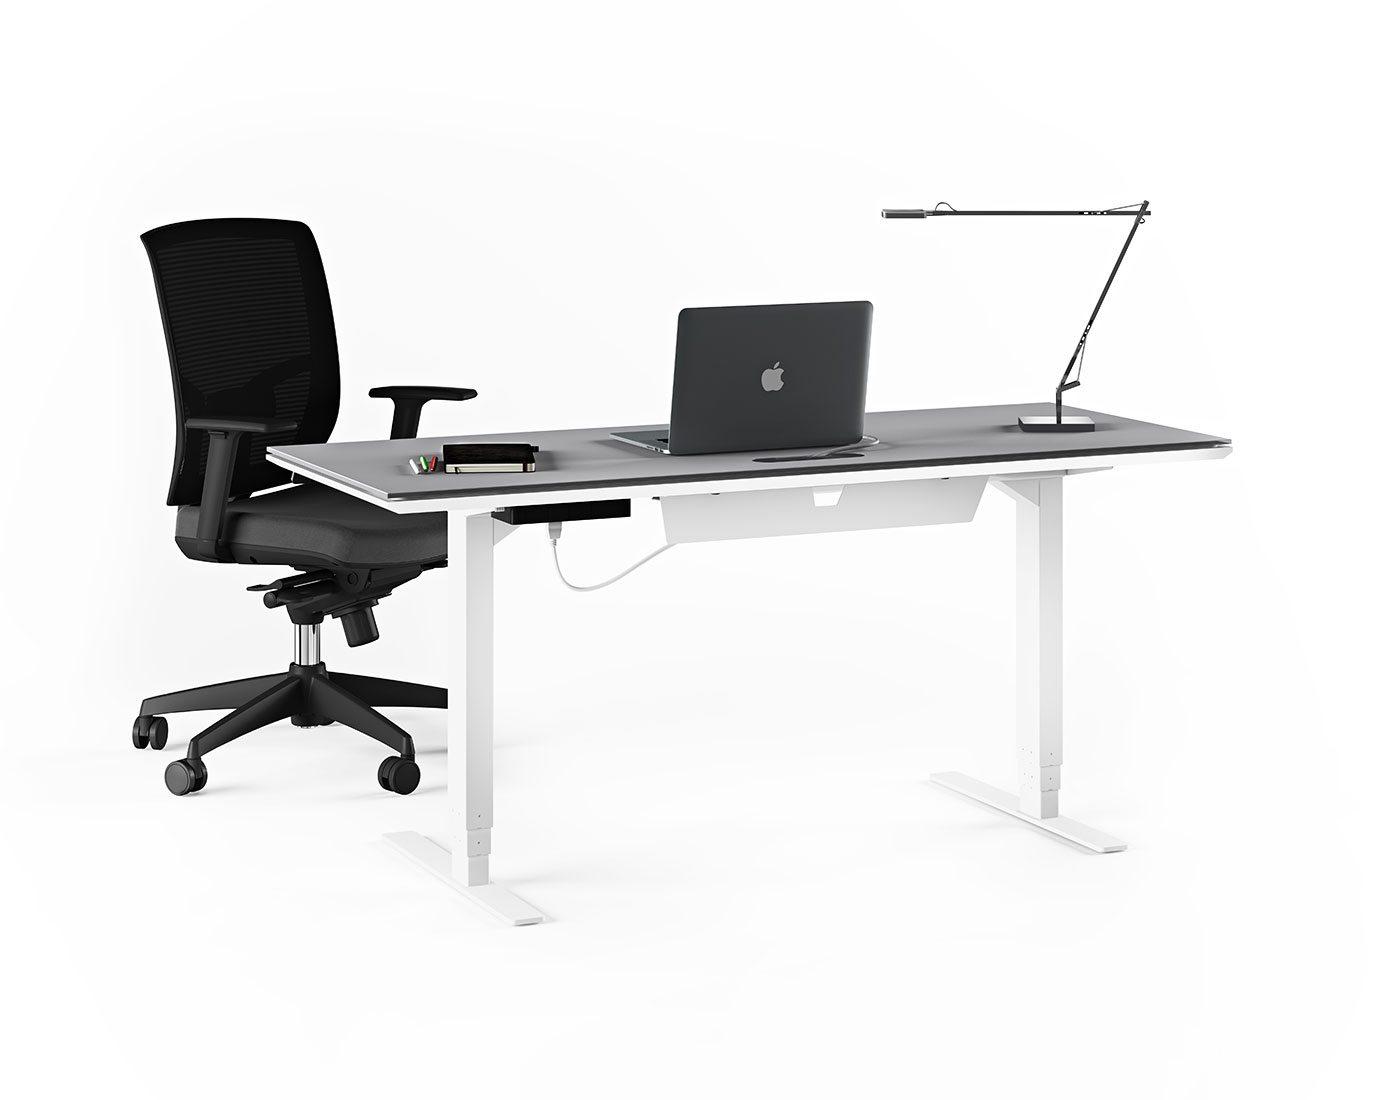 centro_lift_desk_6451_bdi_standing_desk_4